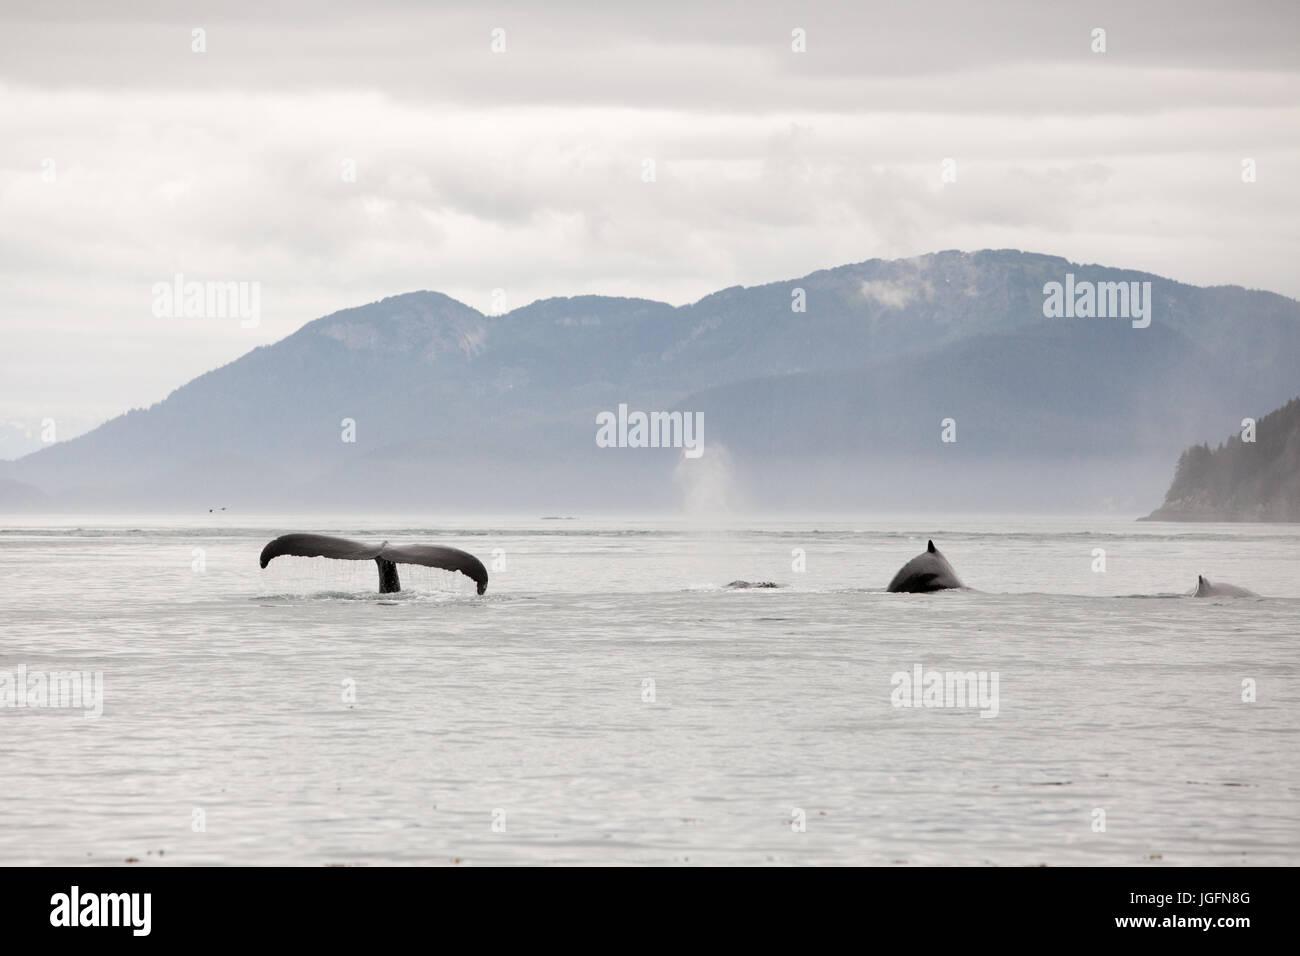 Una manada de ballenas jorobadas Megaptera novaeangliae, nadar en el agua infringir la cola y aletas dorsales. Foto de stock